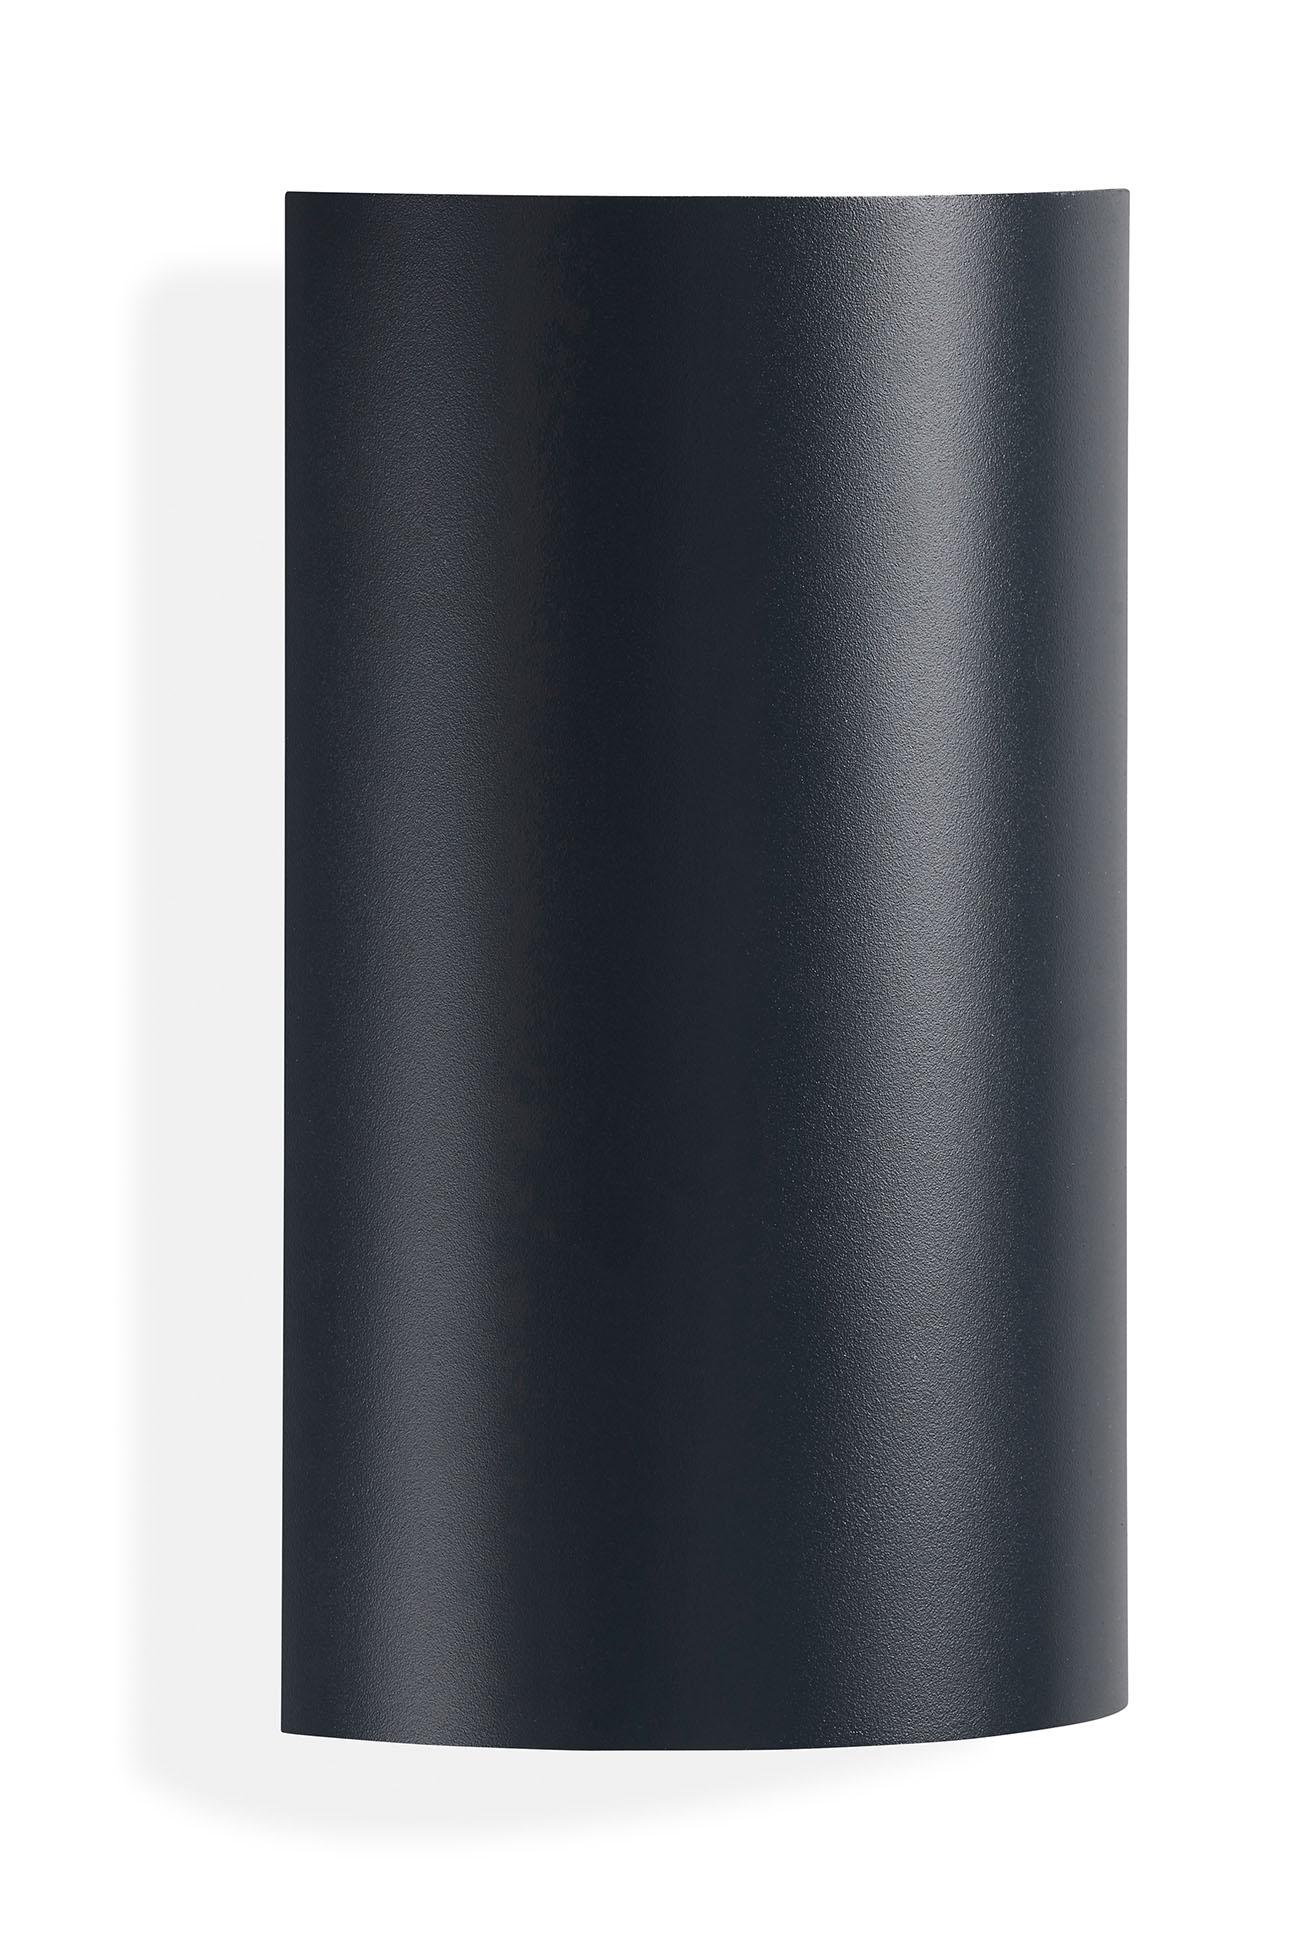 TELEFUNKEN LED Außenwandleuchte, 20 cm, 6 W, Anthrazit